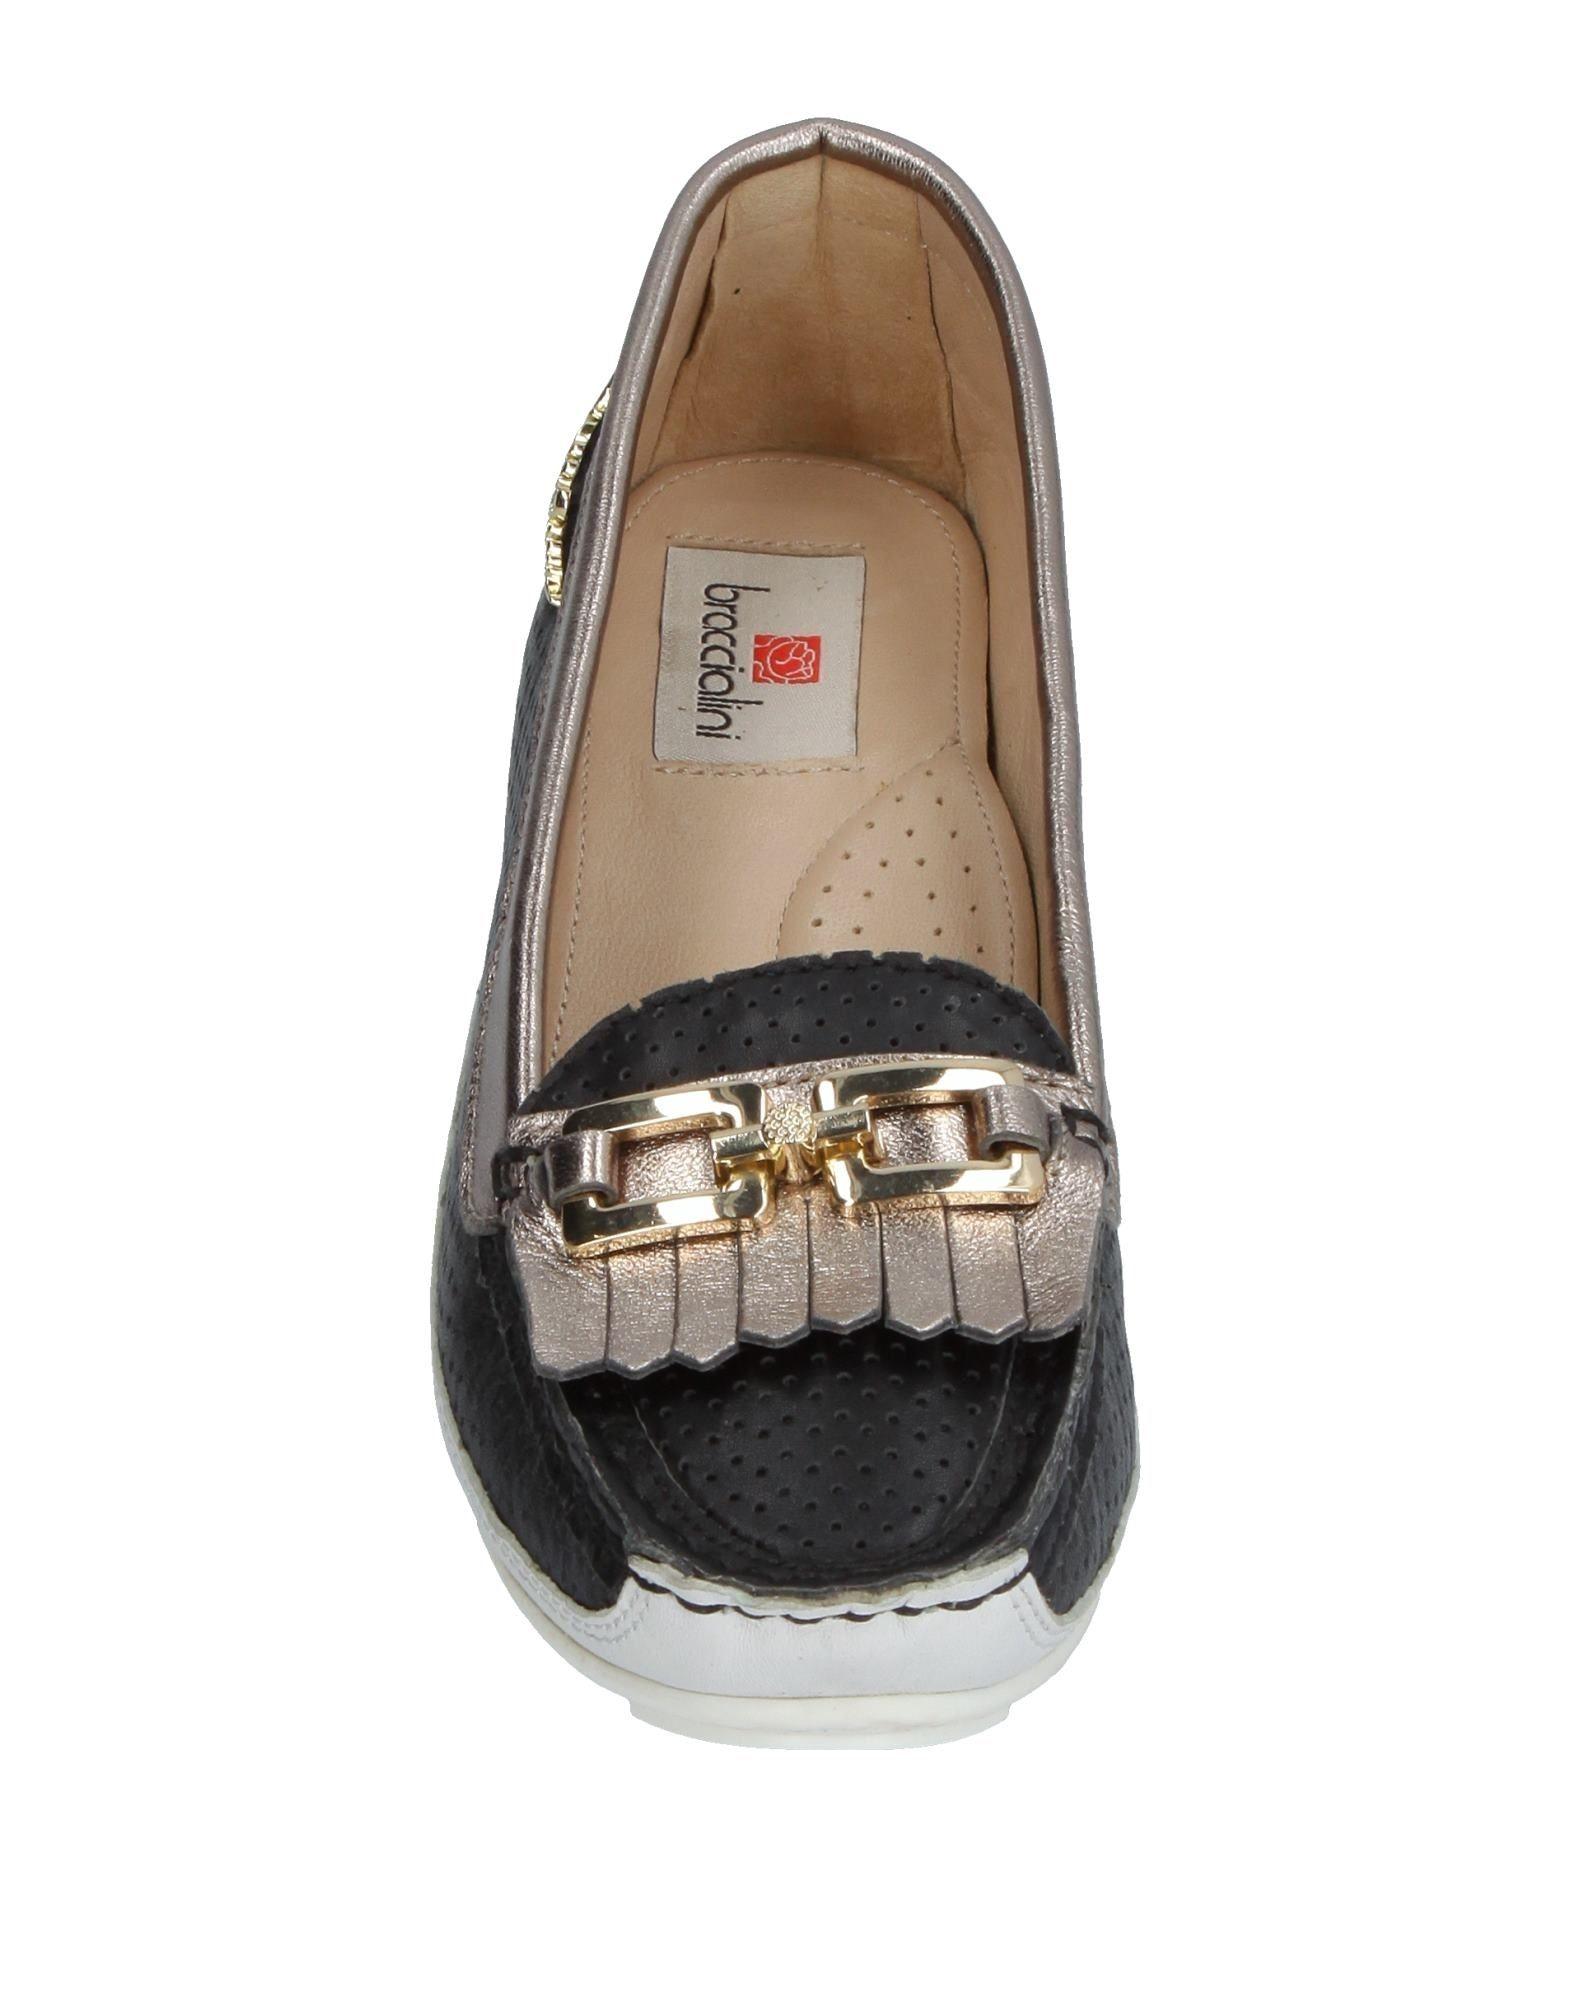 Braccialini Mokassins Damen Qualität  11197125TA Gute Qualität Damen beliebte Schuhe d04a1f